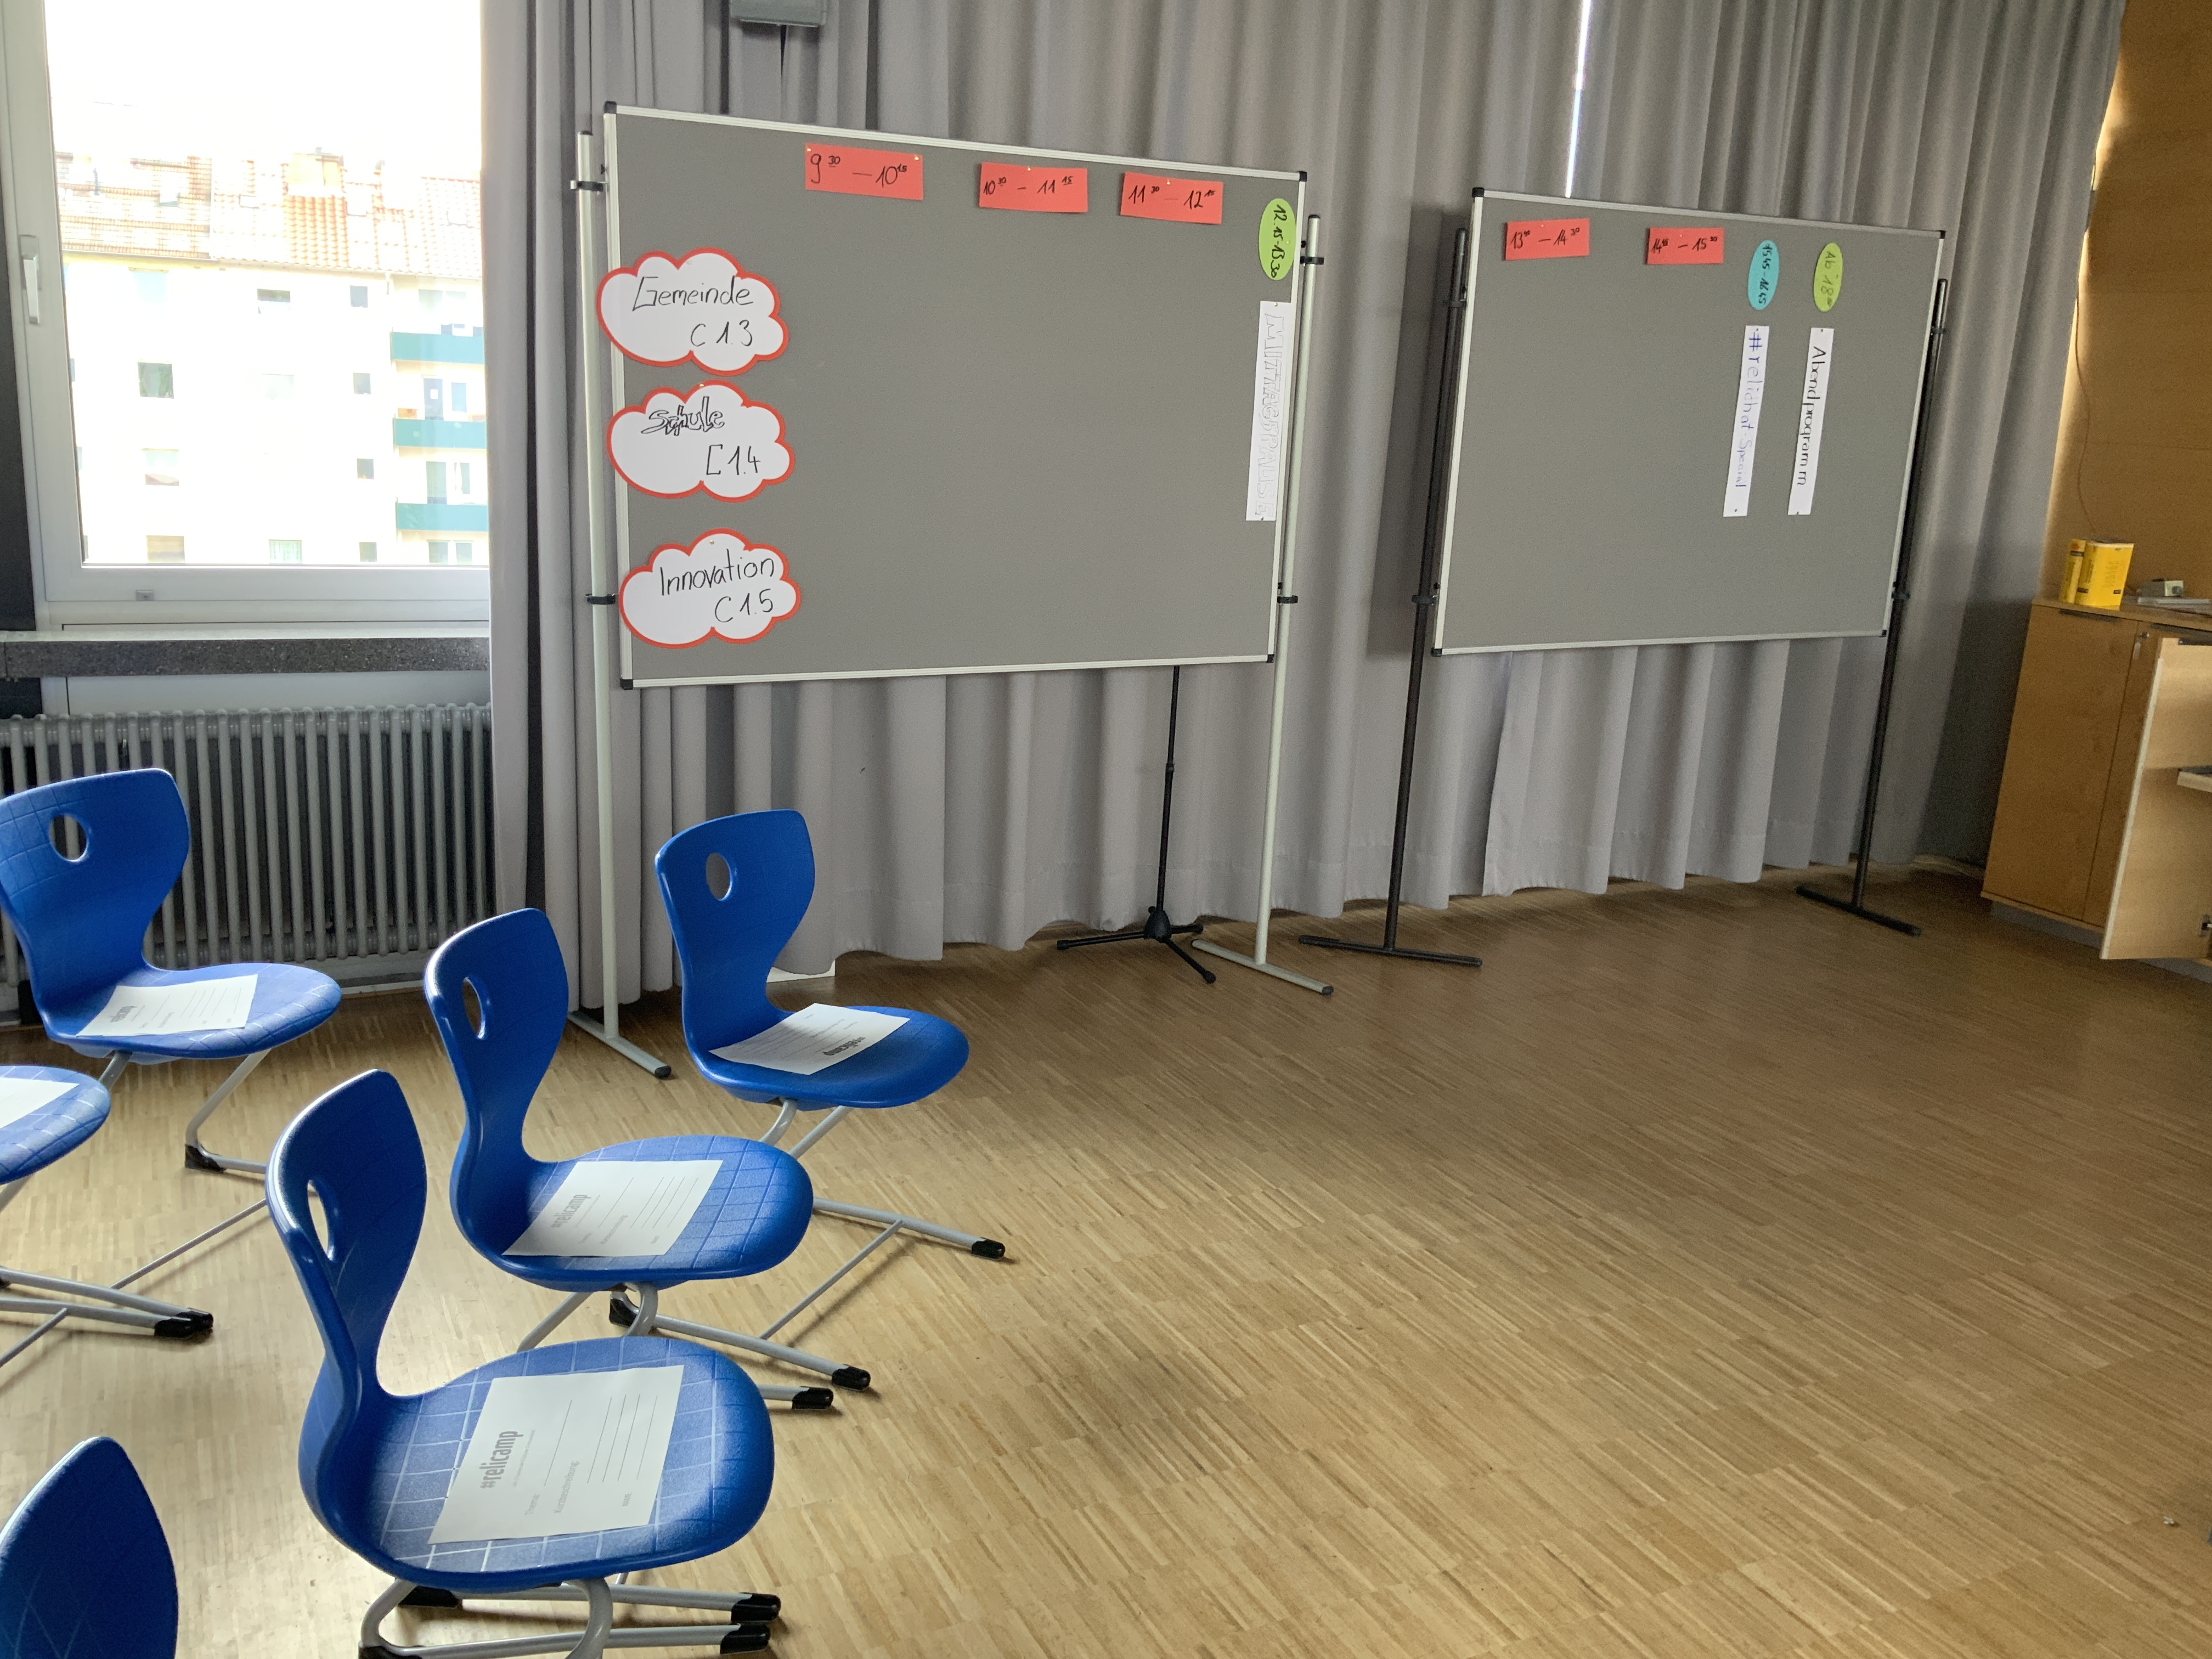 relicamp 10 12 mai 2019 saarbr cken das barcamp f r. Black Bedroom Furniture Sets. Home Design Ideas